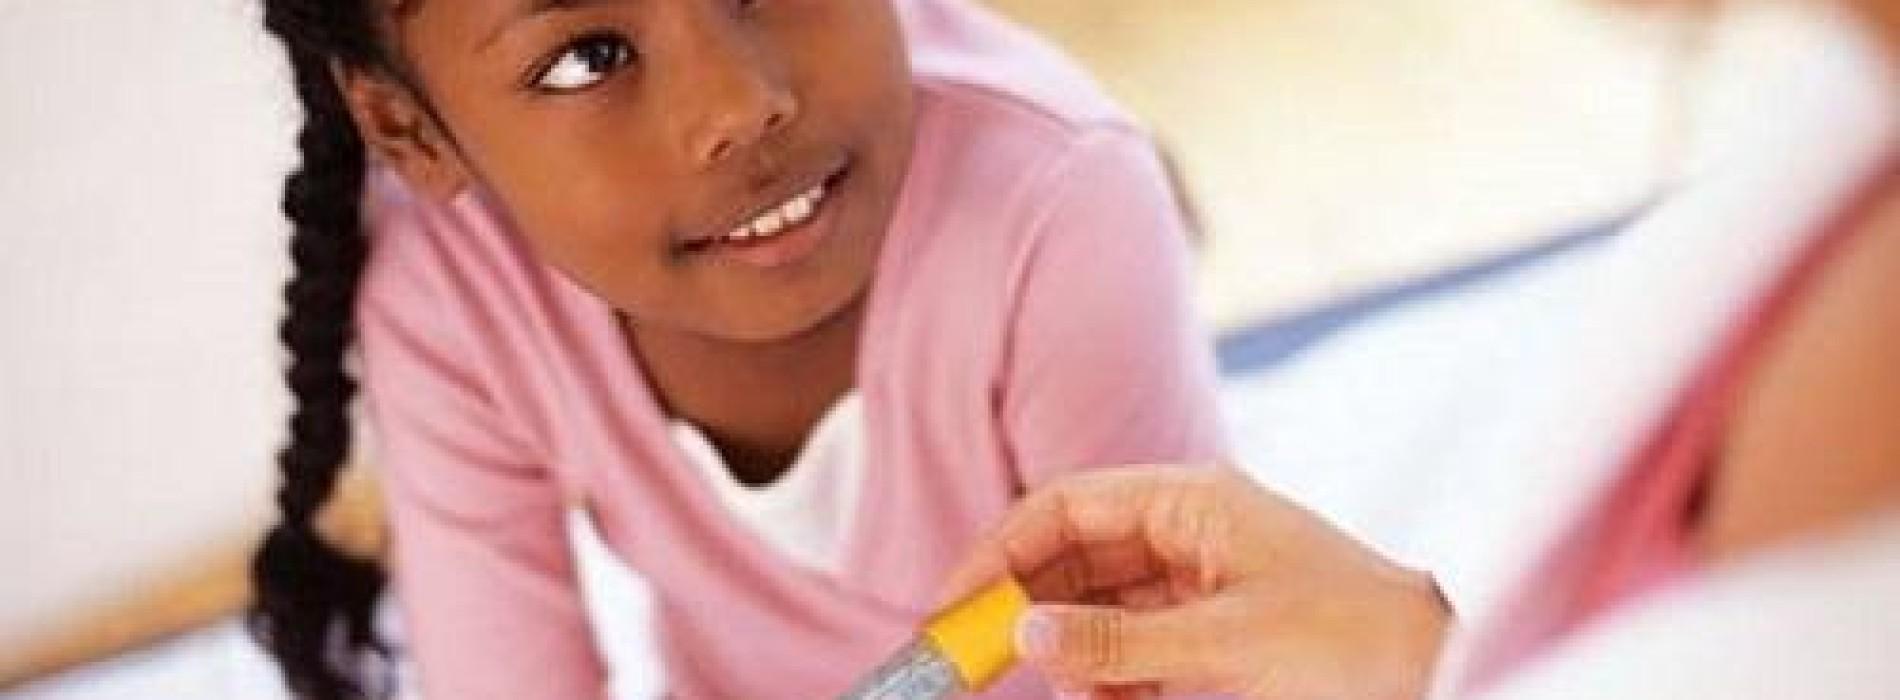 Risks of diabetes in children